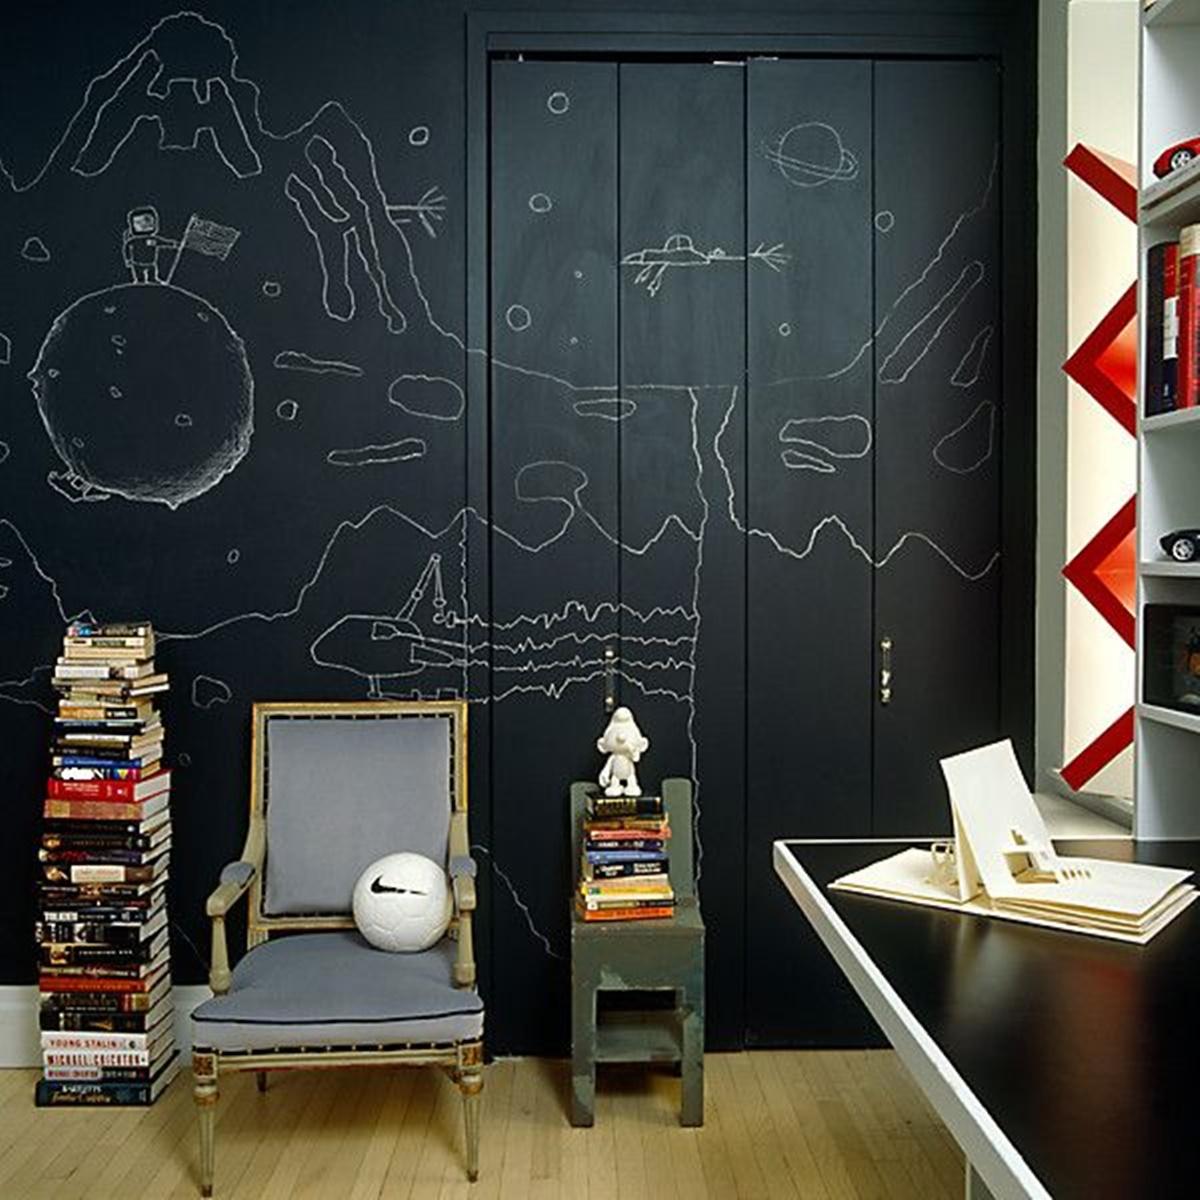 wordrobe black board